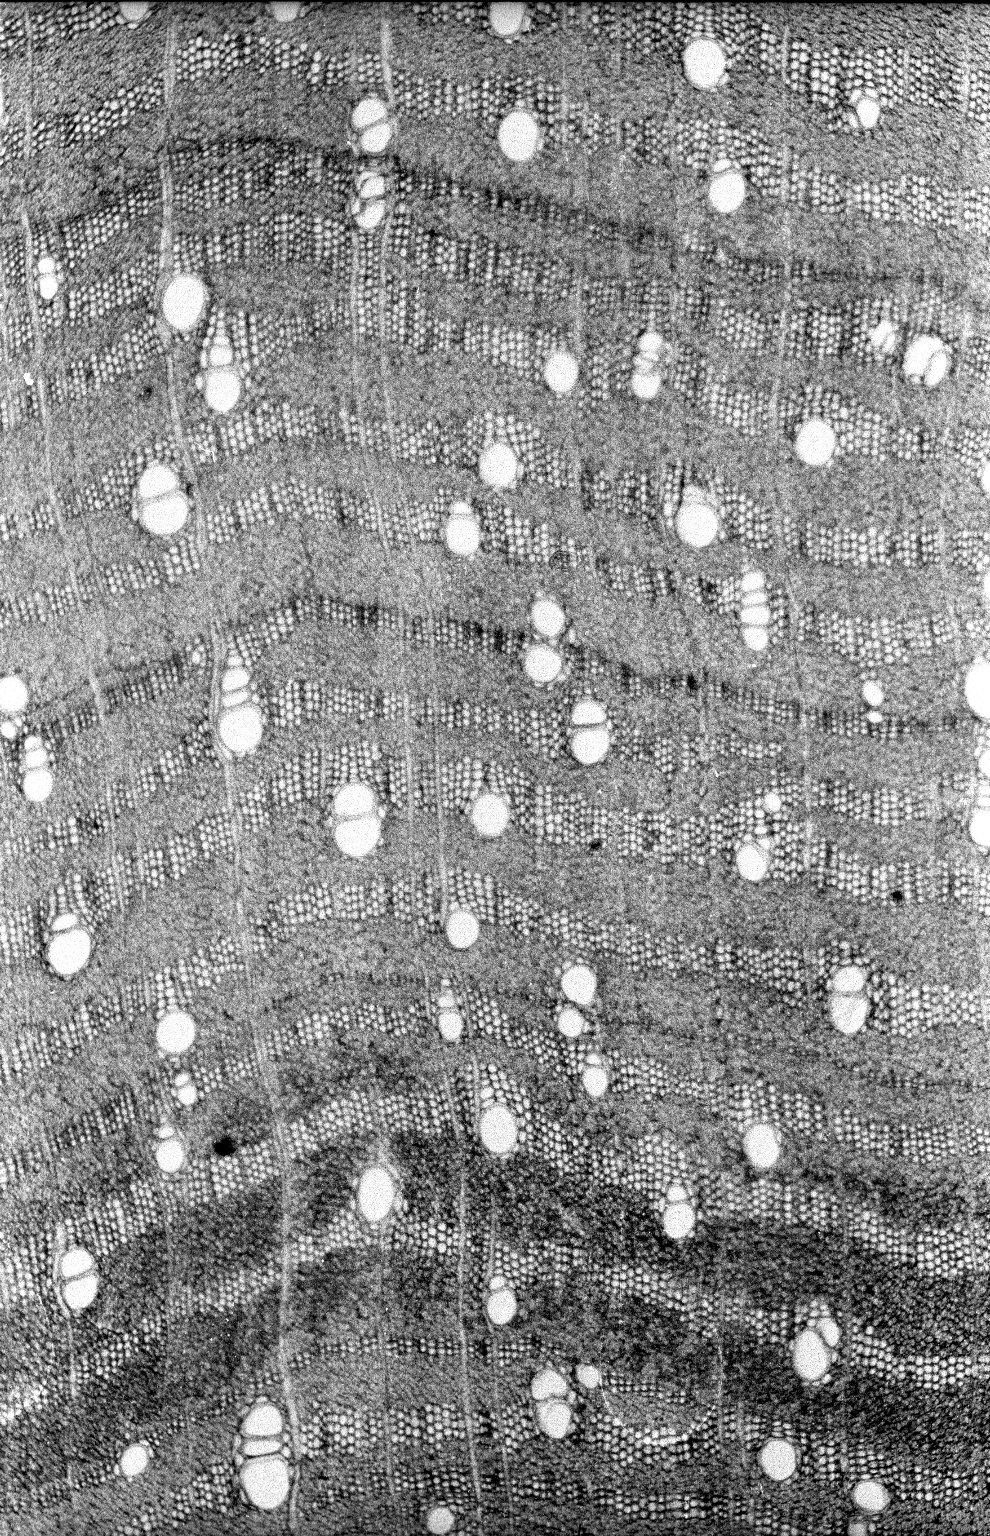 LEGUMINOSAE CAESALPINIOIDEAE Mimosoid Clade Calliandra coriacea